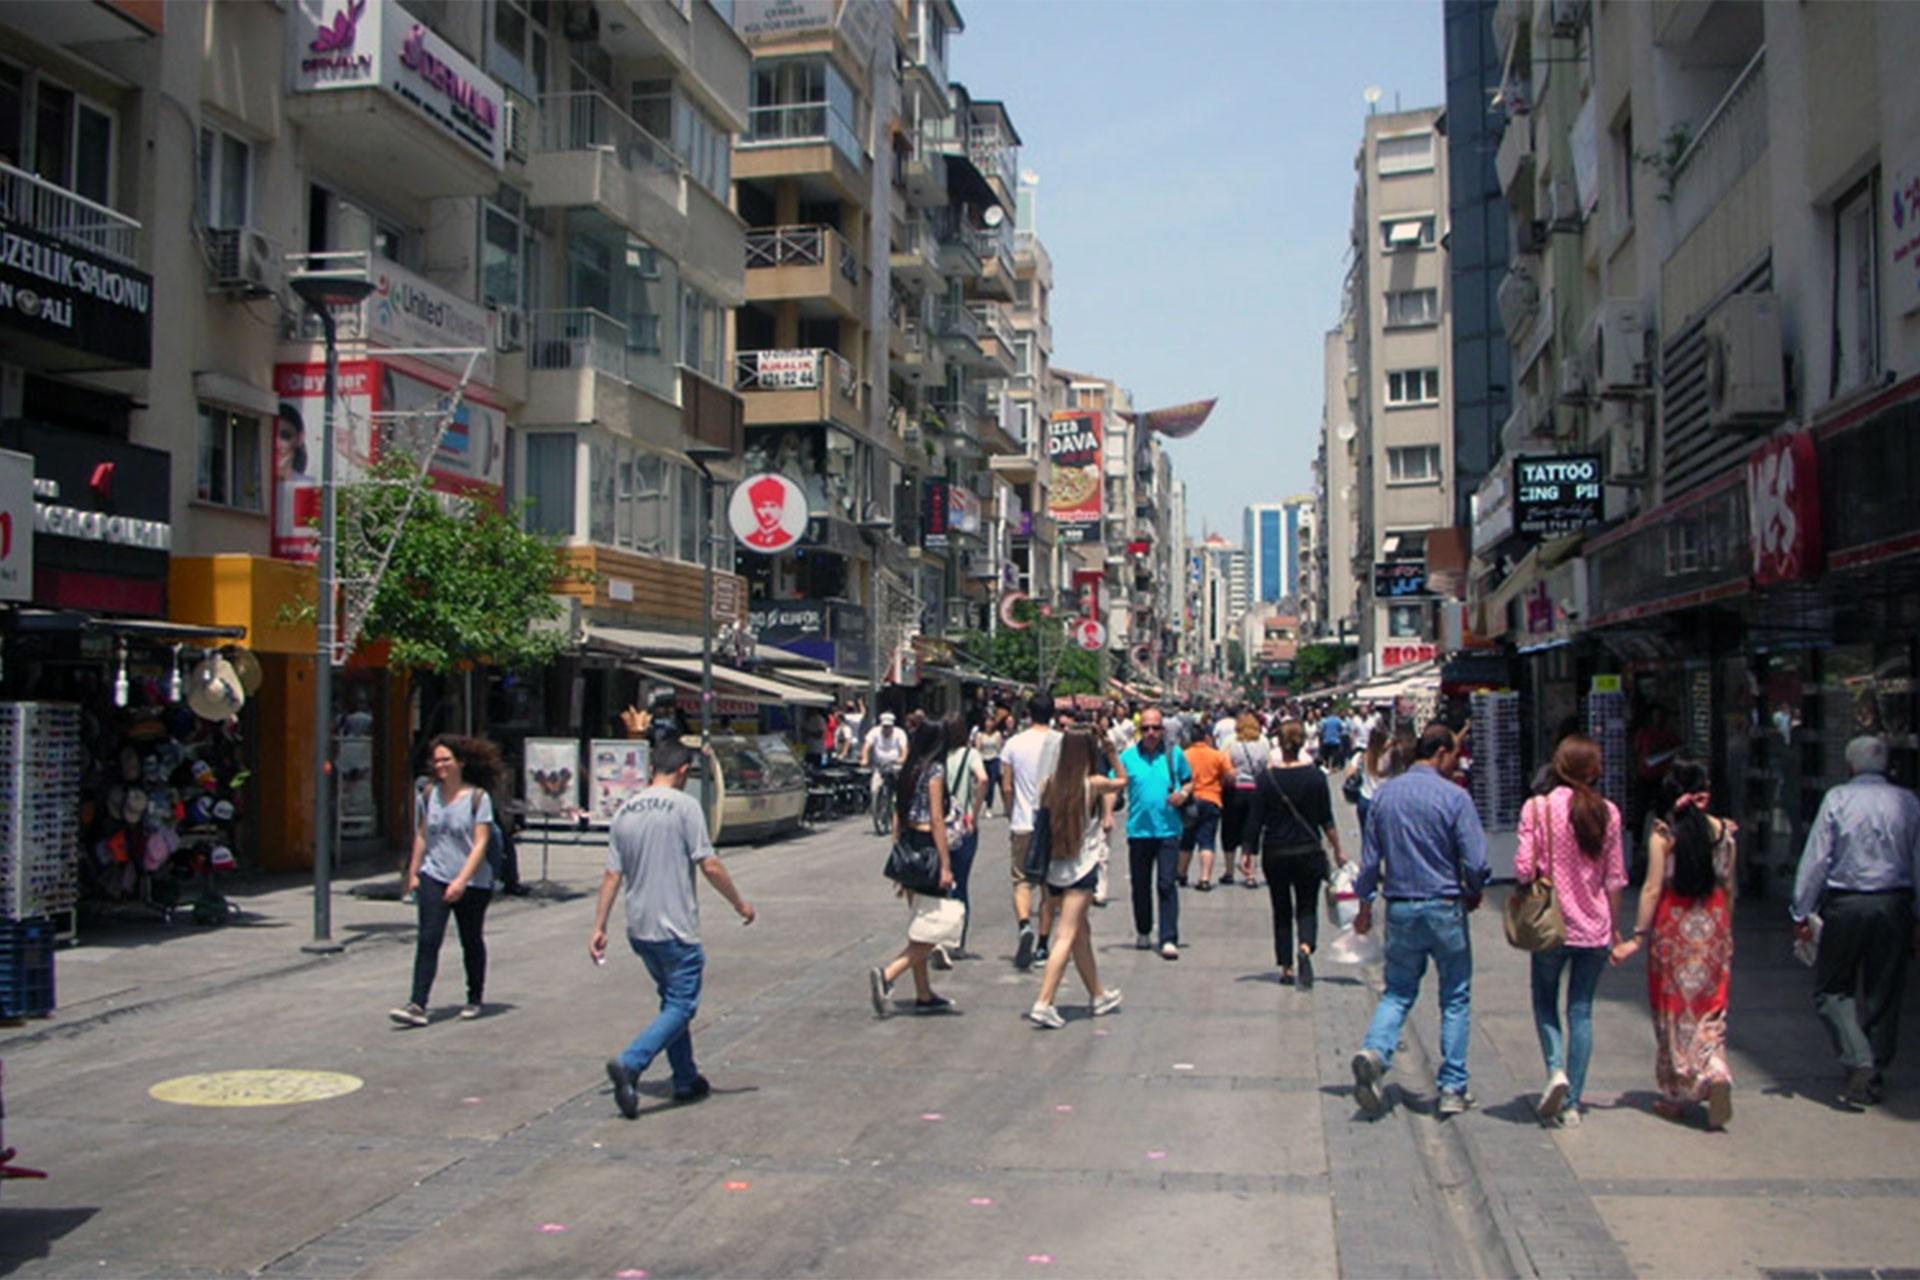 İzmirlilerden barış çağrısı: Savaşla zengin daha zengin, fakir daha fakir oluyor